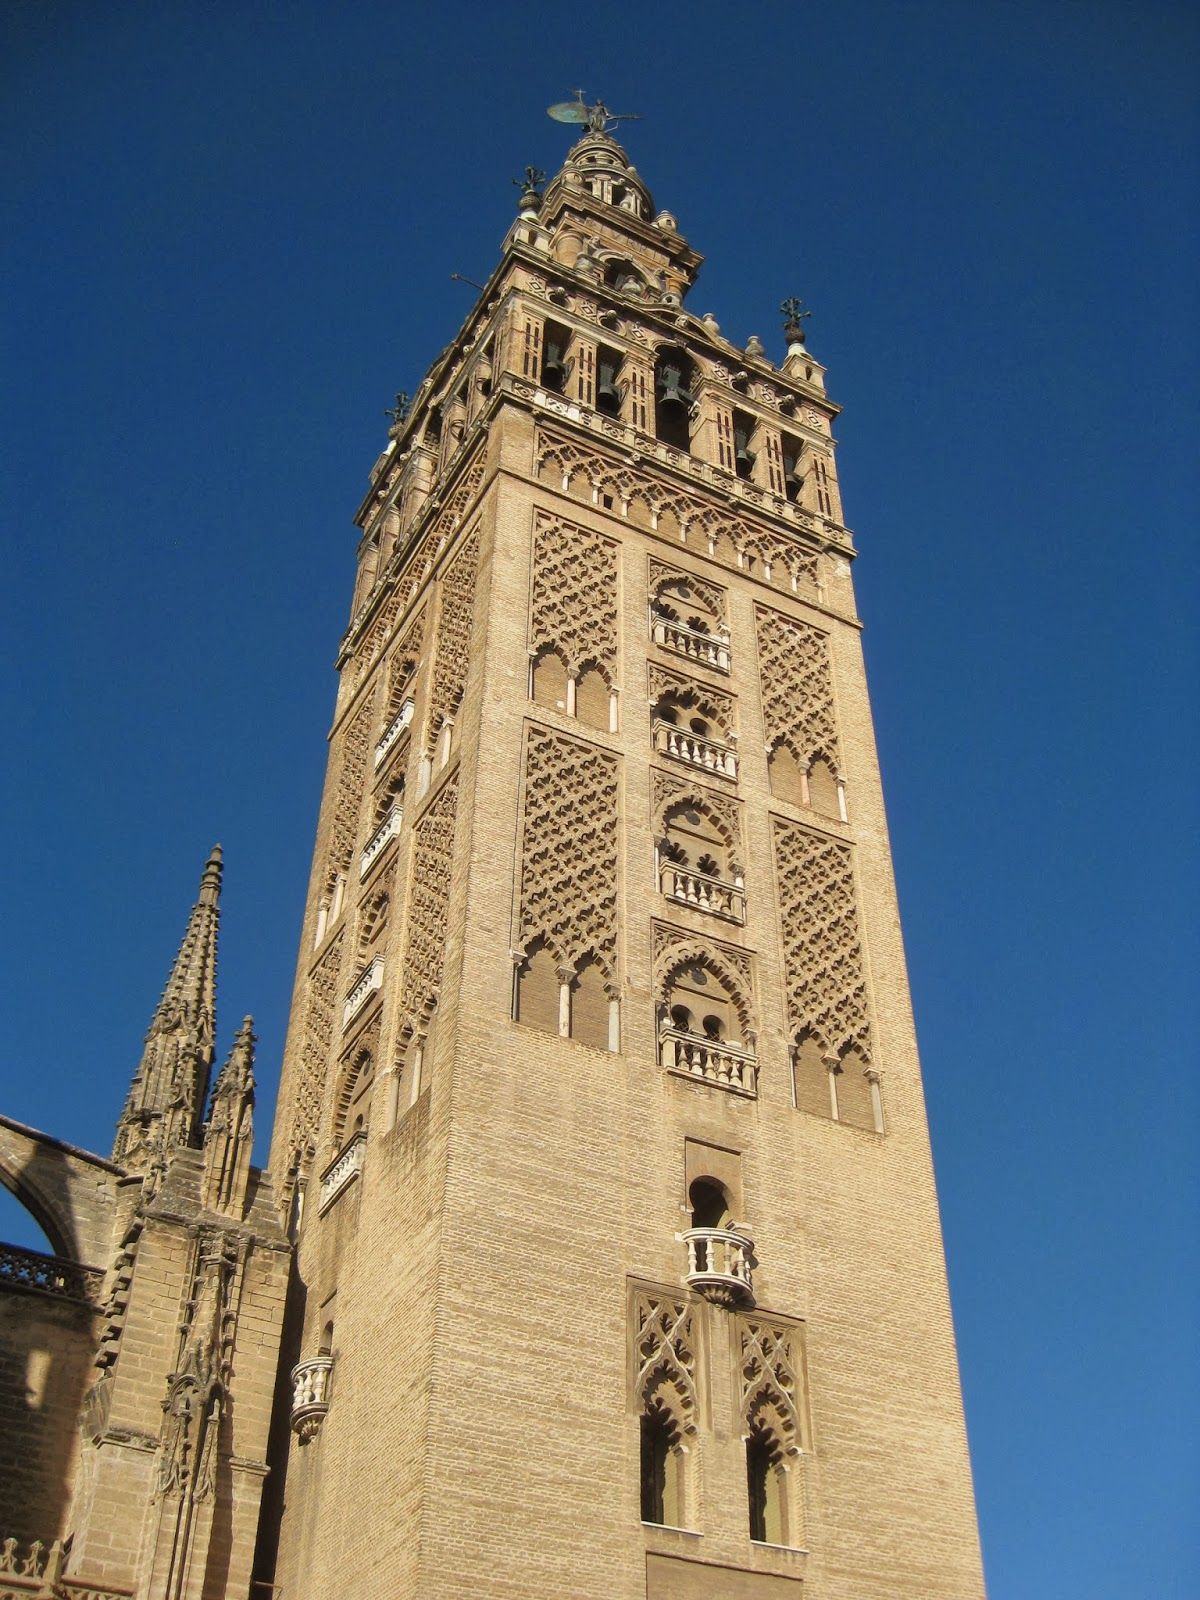 Seville - Giralda bell tower